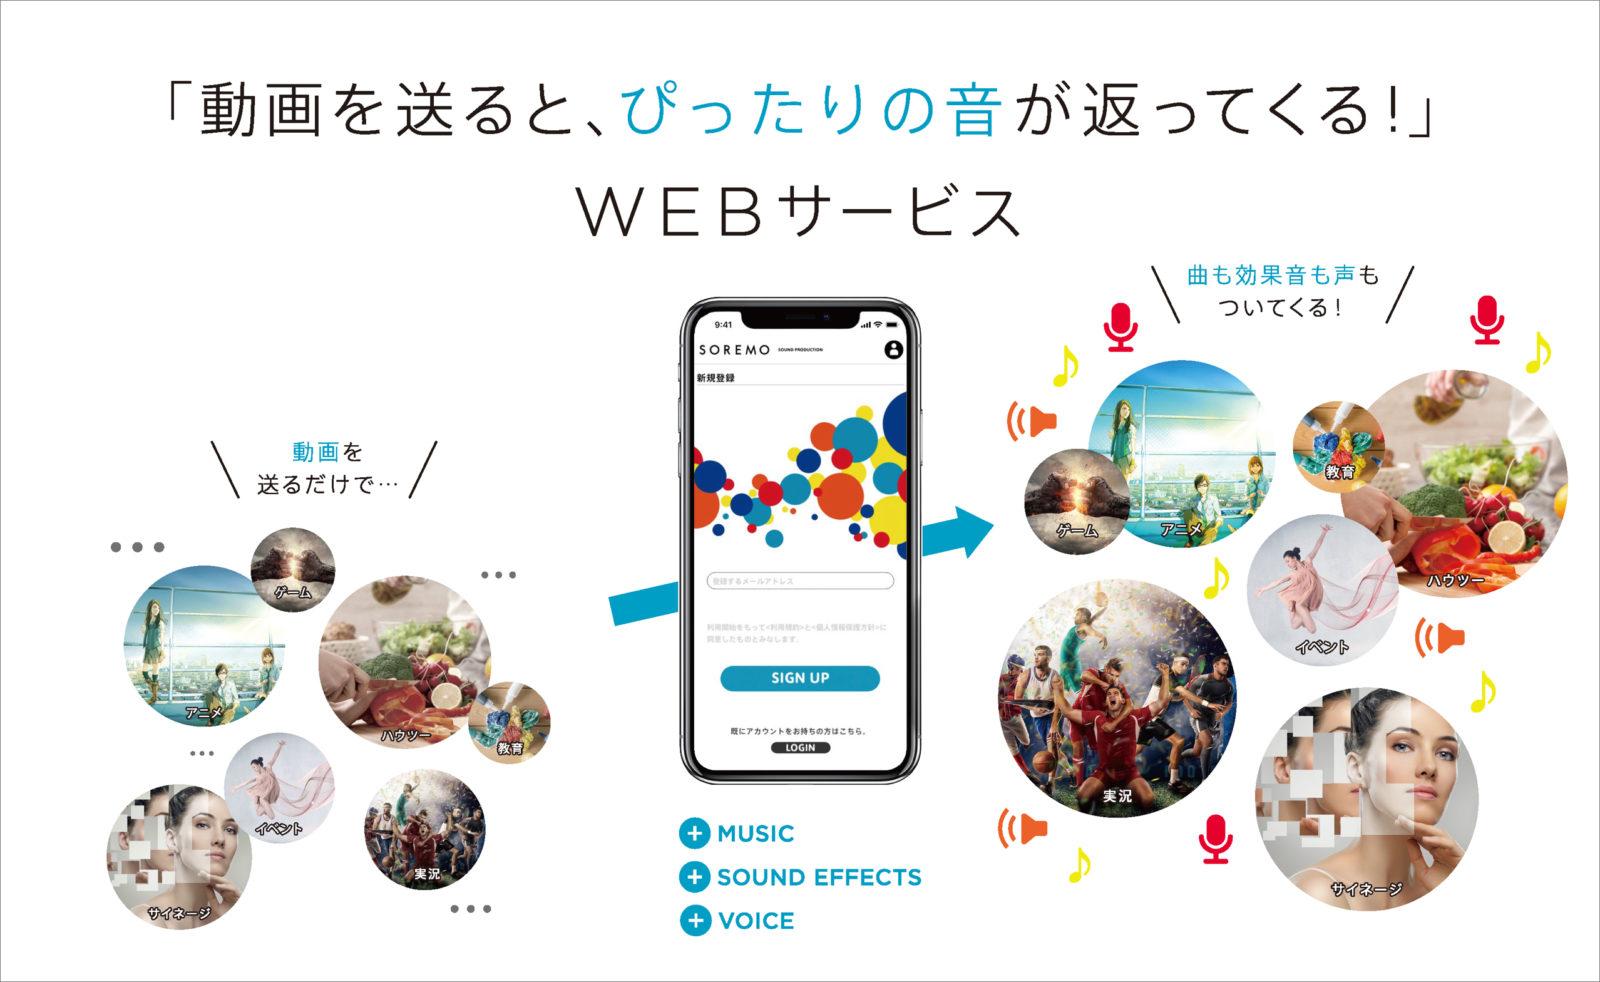 WEBサービス